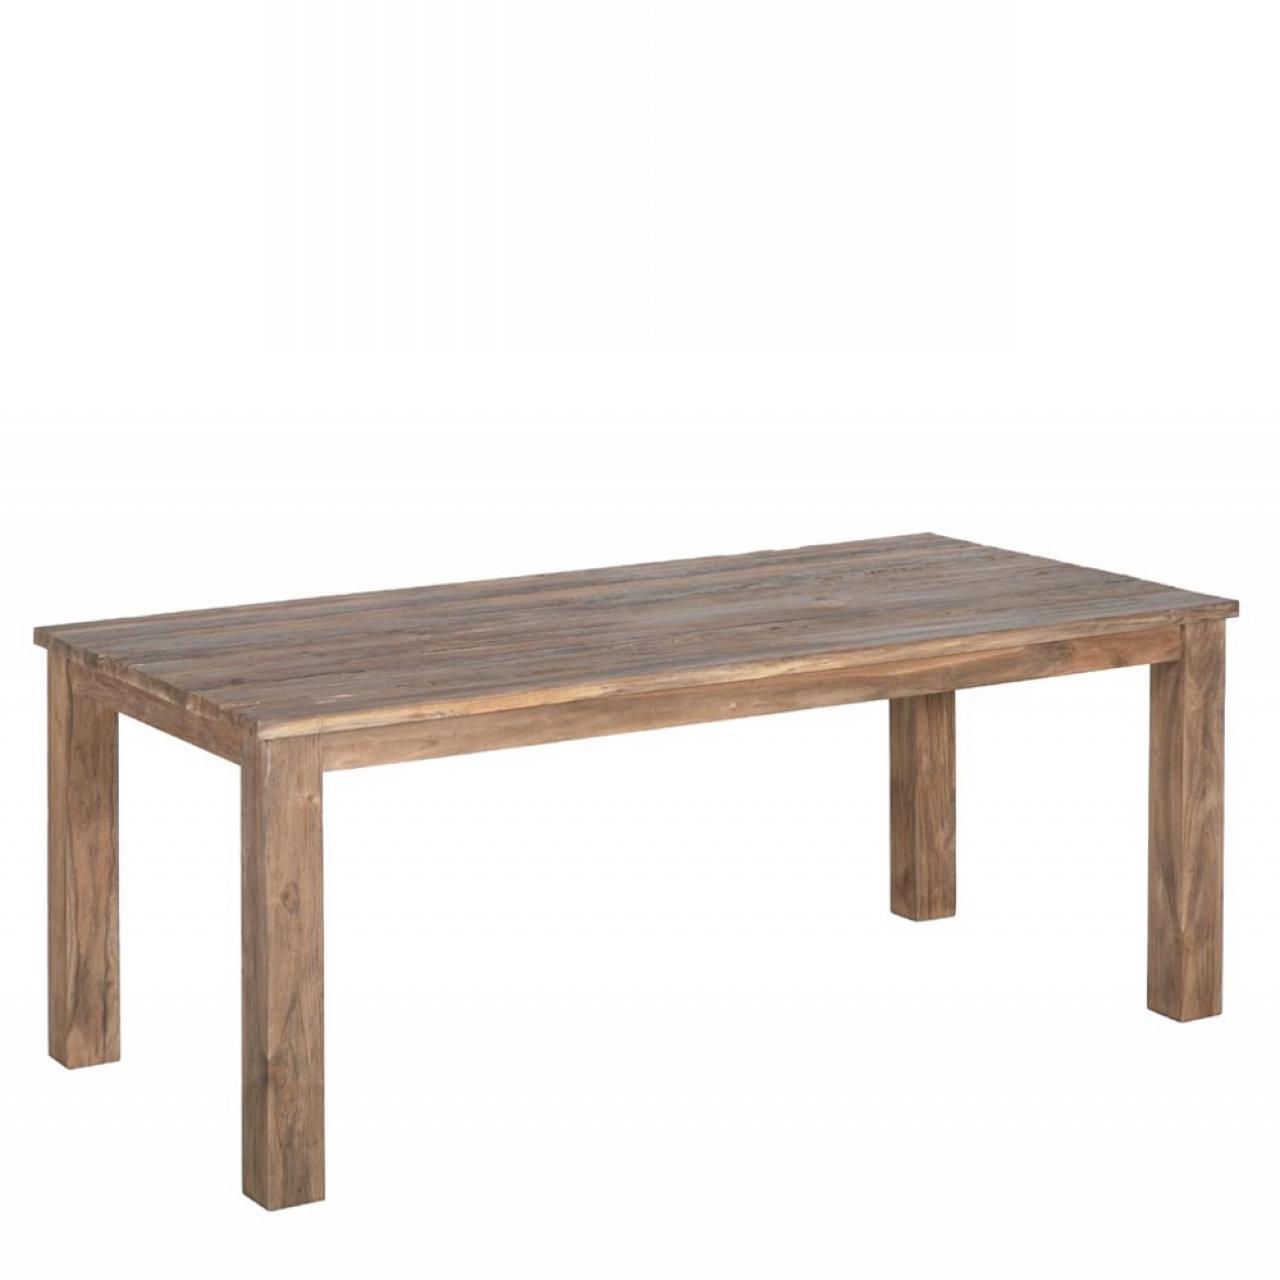 Esstisch Borneo, 160x90 cm, Teakholz, Driftwood, Küchentisch, Esszimmertisch